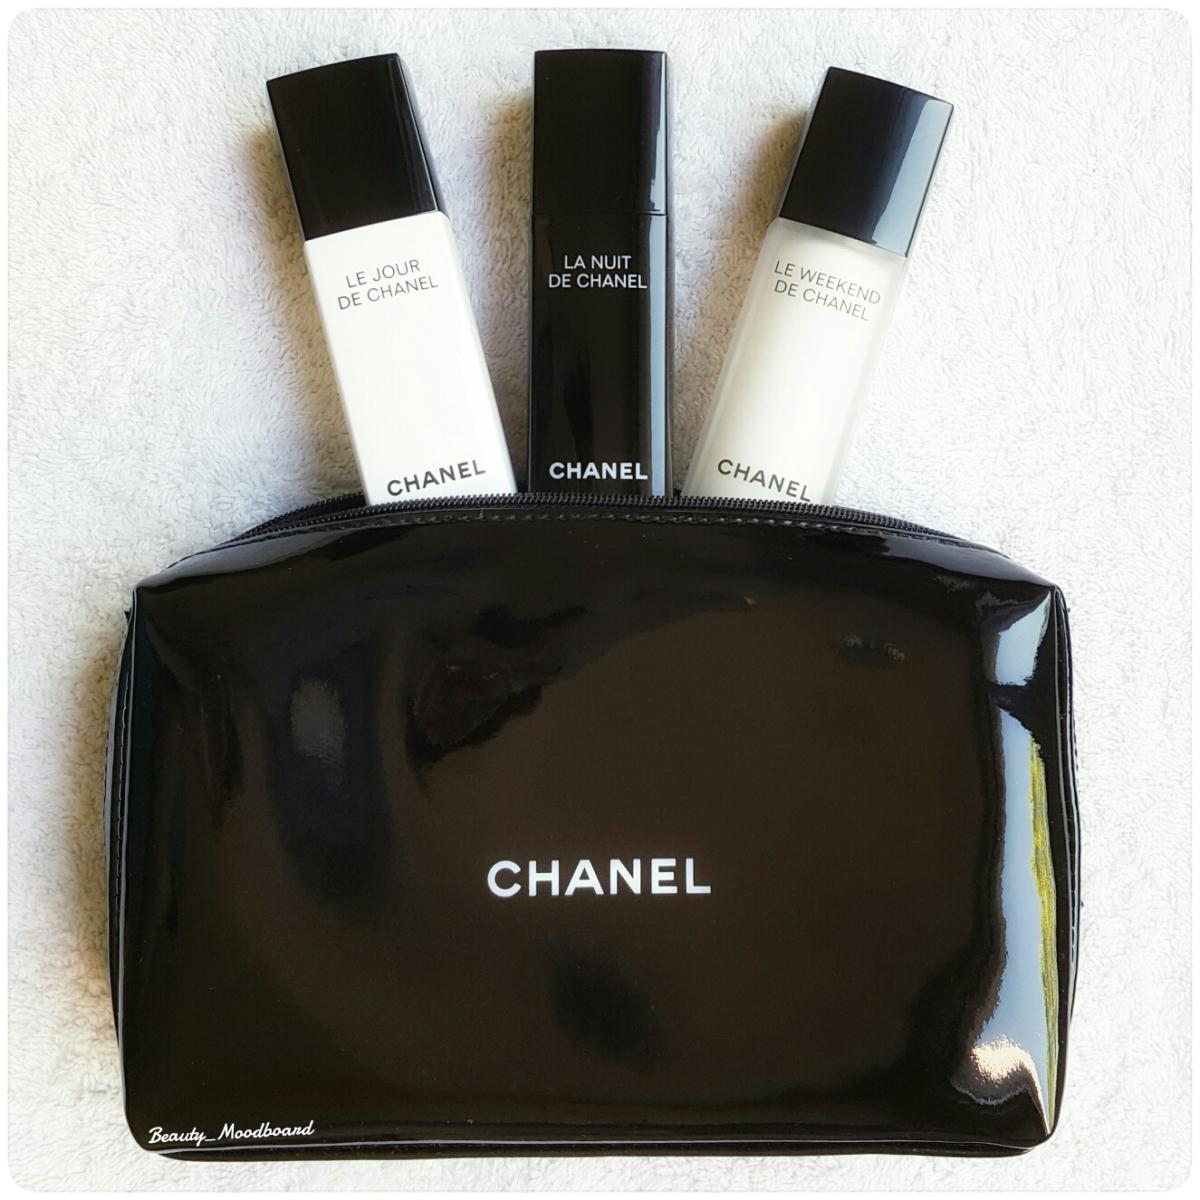 Faire peau neuve : Le Jour, La Nuit, Le Weekend de Chanel !